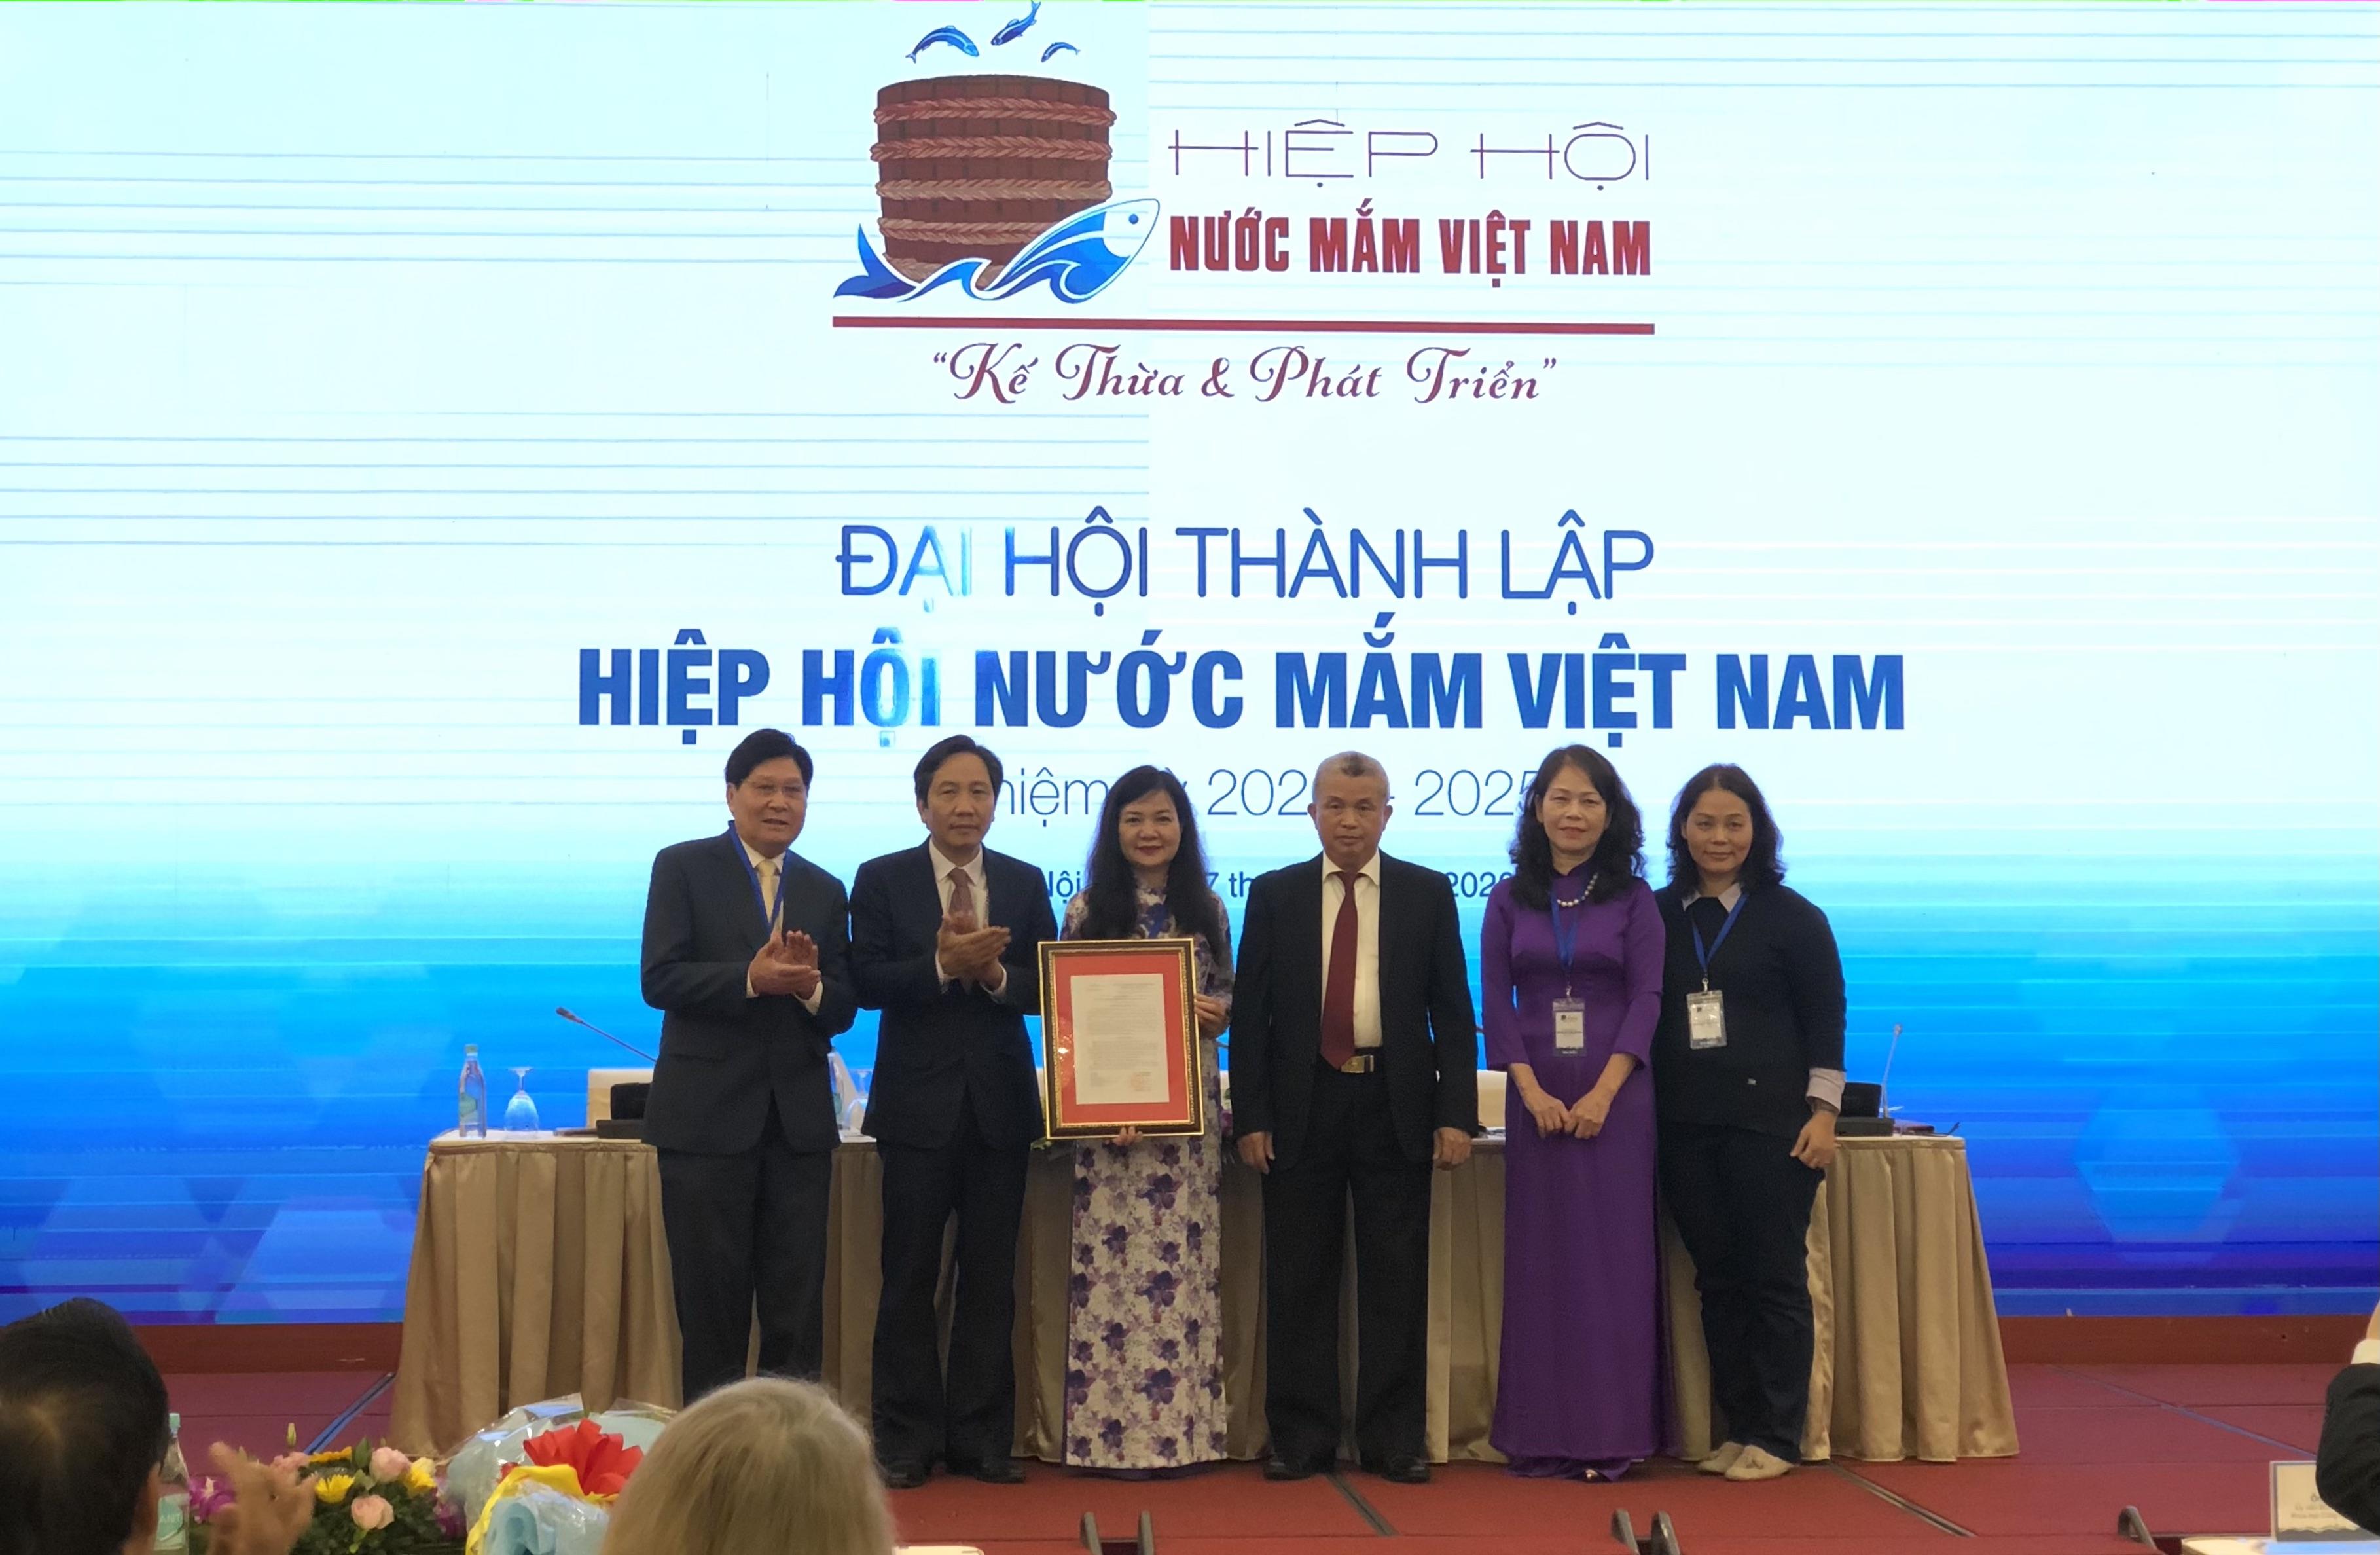 Thành lập Hiệp hội Nước mắm Việt Nam - Ảnh 1.